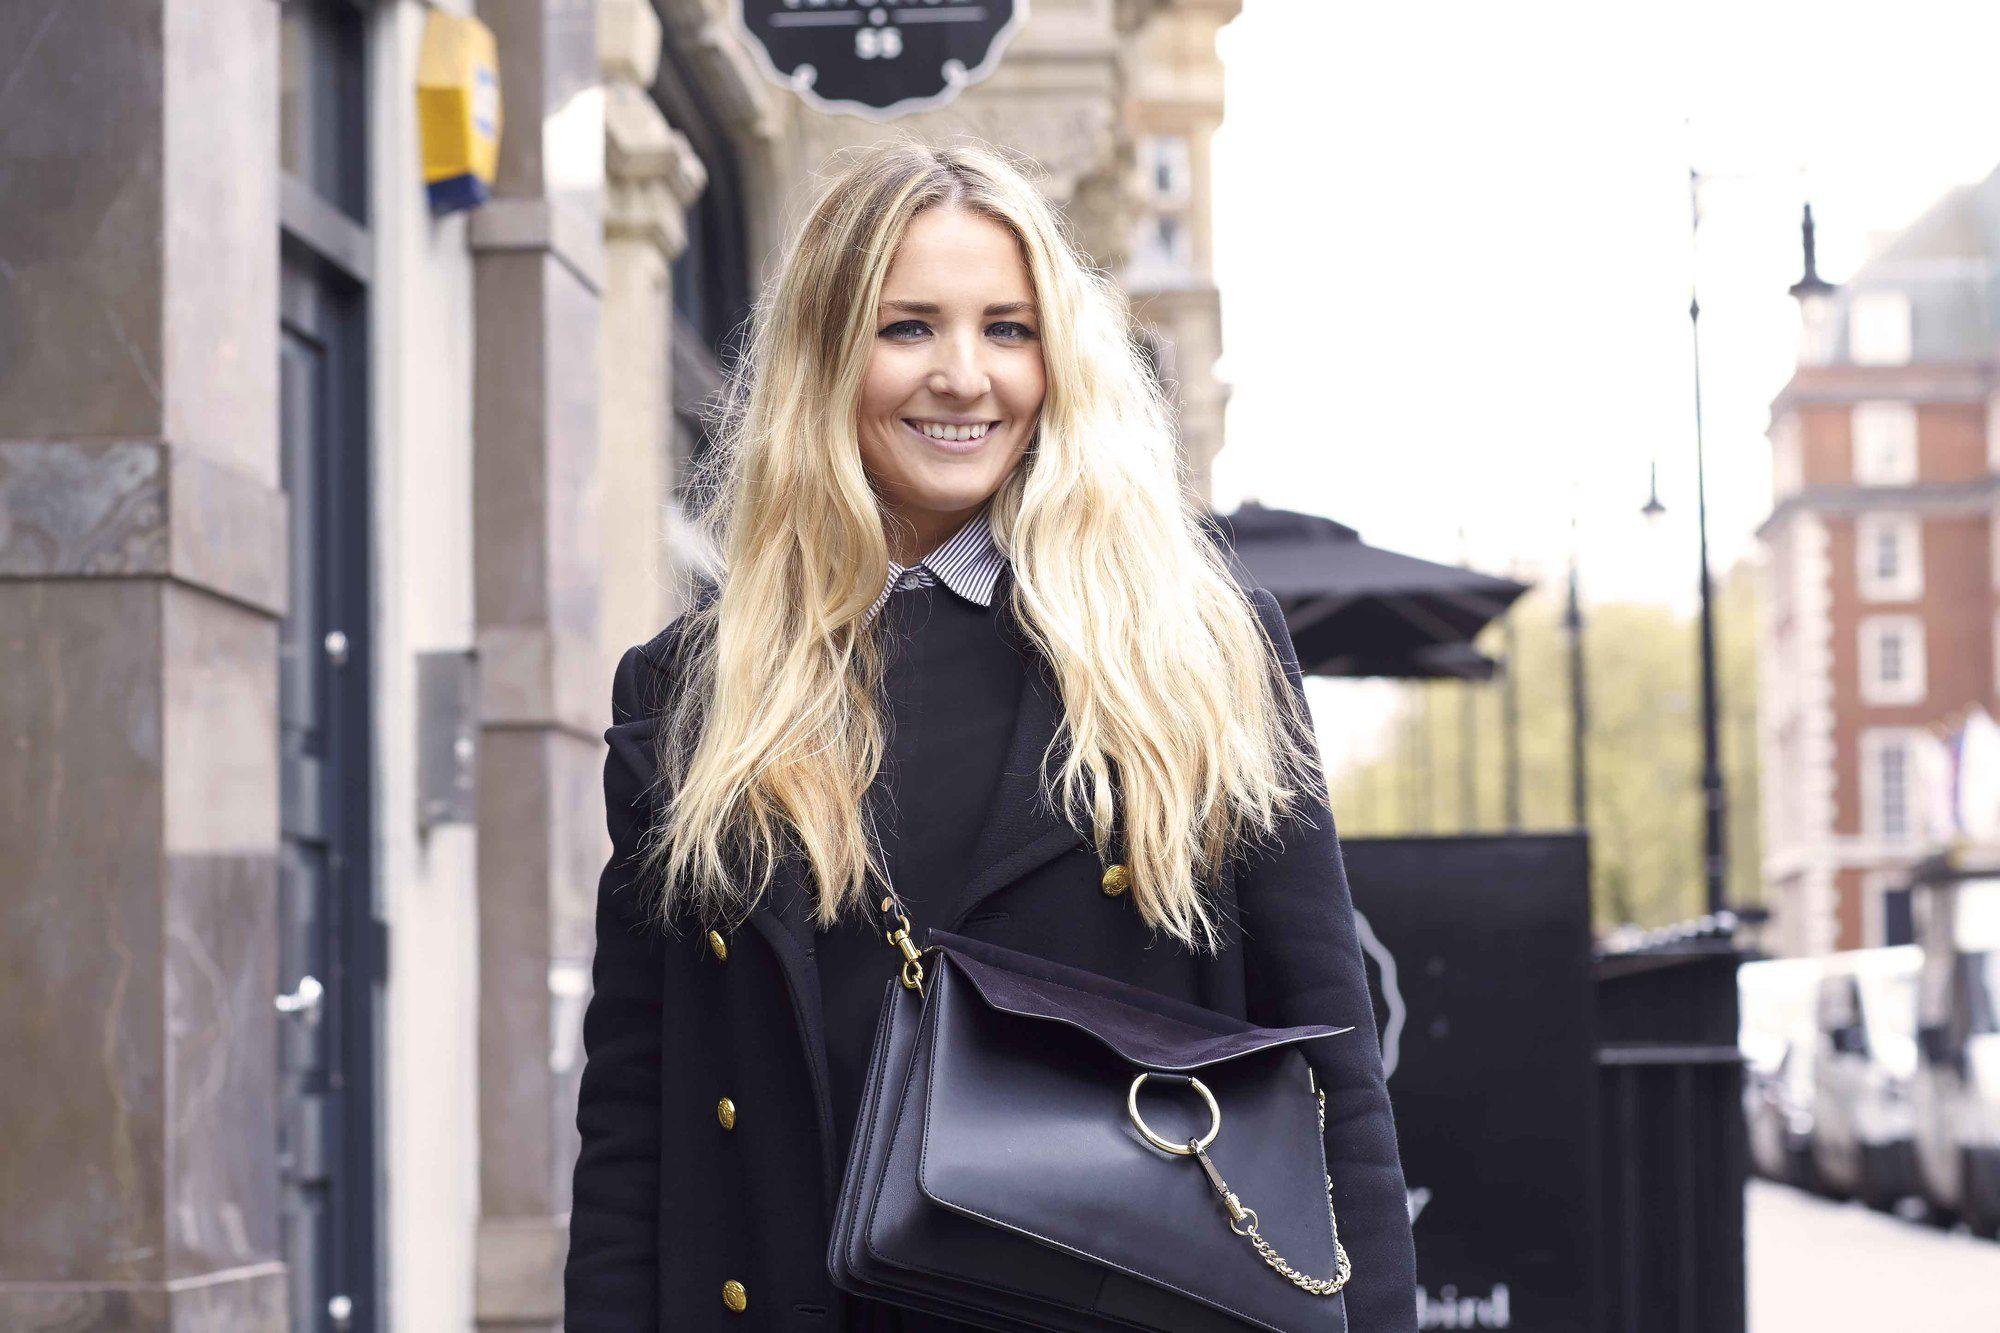 blonde cendrée : plan rapproché d'une femme aux longs cheveux blonds ondulés, portant tout le noir et posant dans la rue